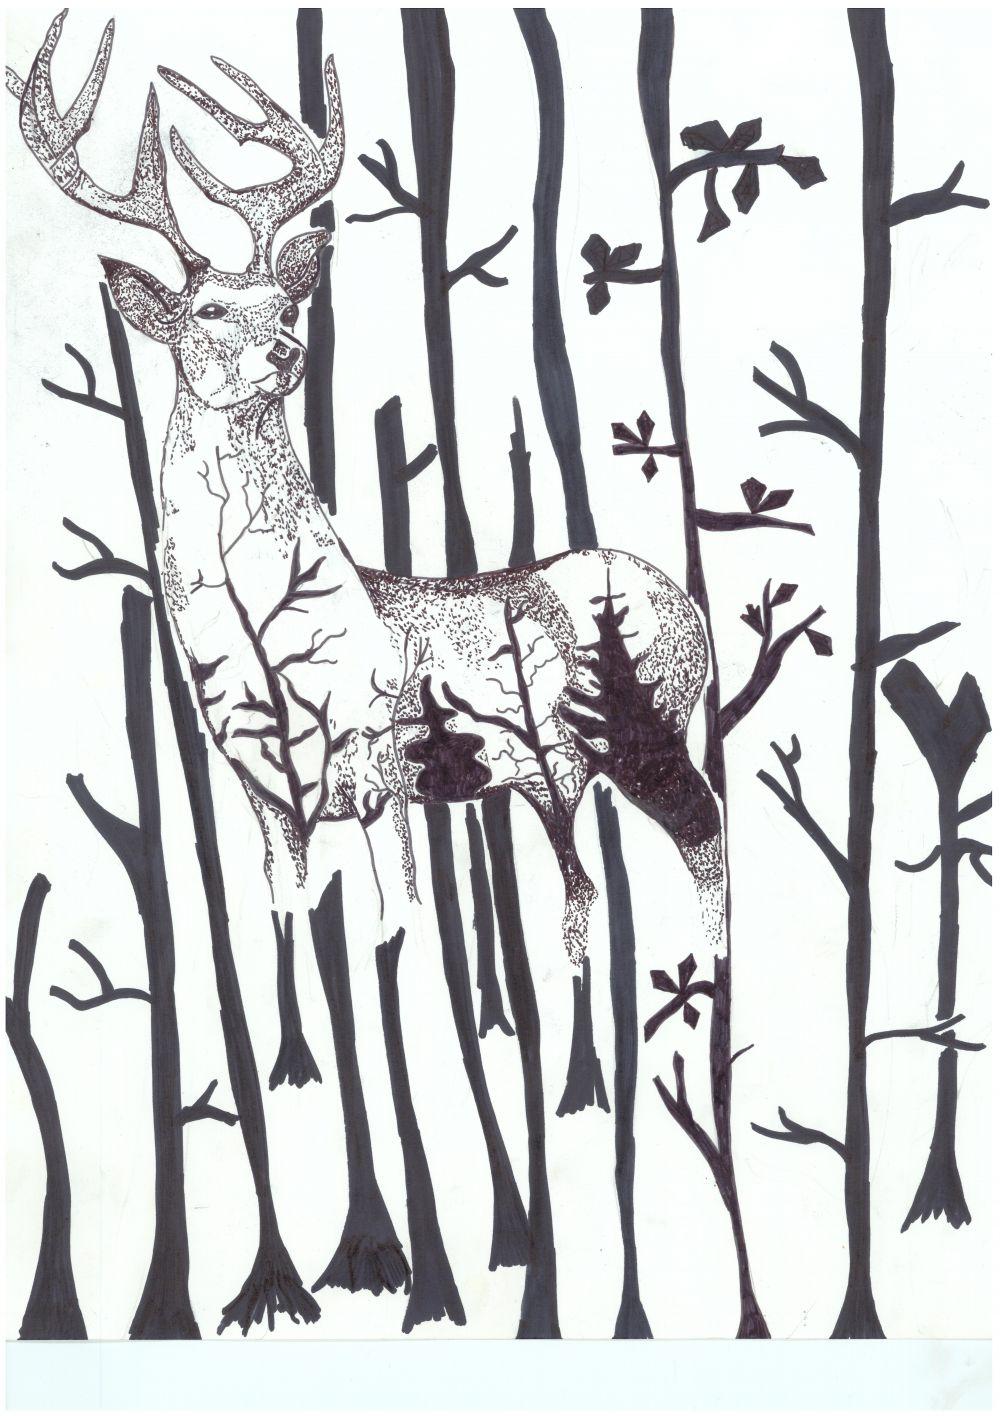 Gewinner-Zeichnung, Bild Platz 3, 13 bis 16 Jahre, Umwelt-Zeichnungswettbewerb 2018